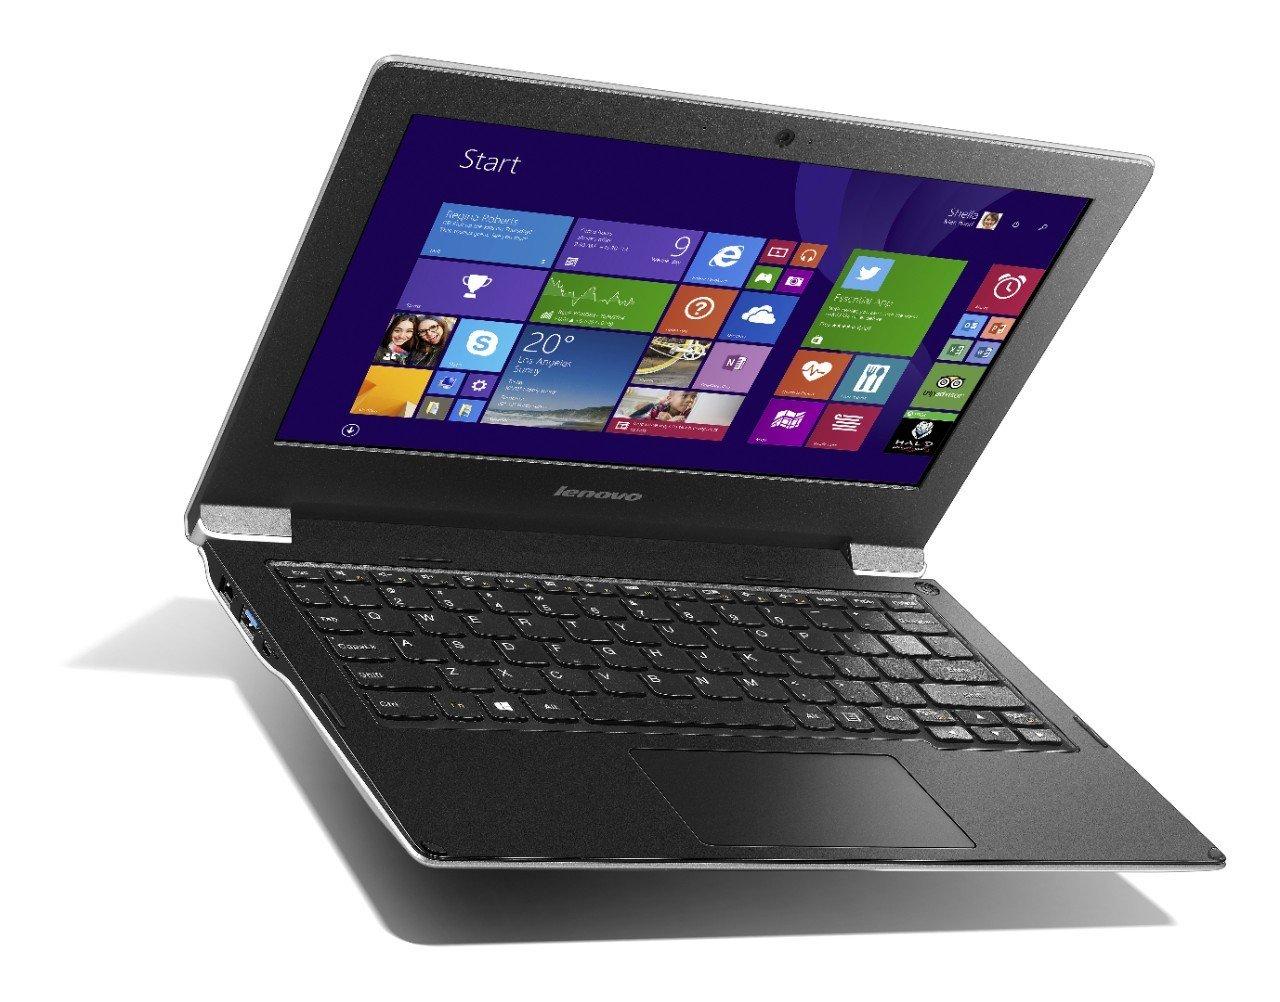 Lenovo S21E 116 Inch Laptop for sale in Jamaica  JAdealscom